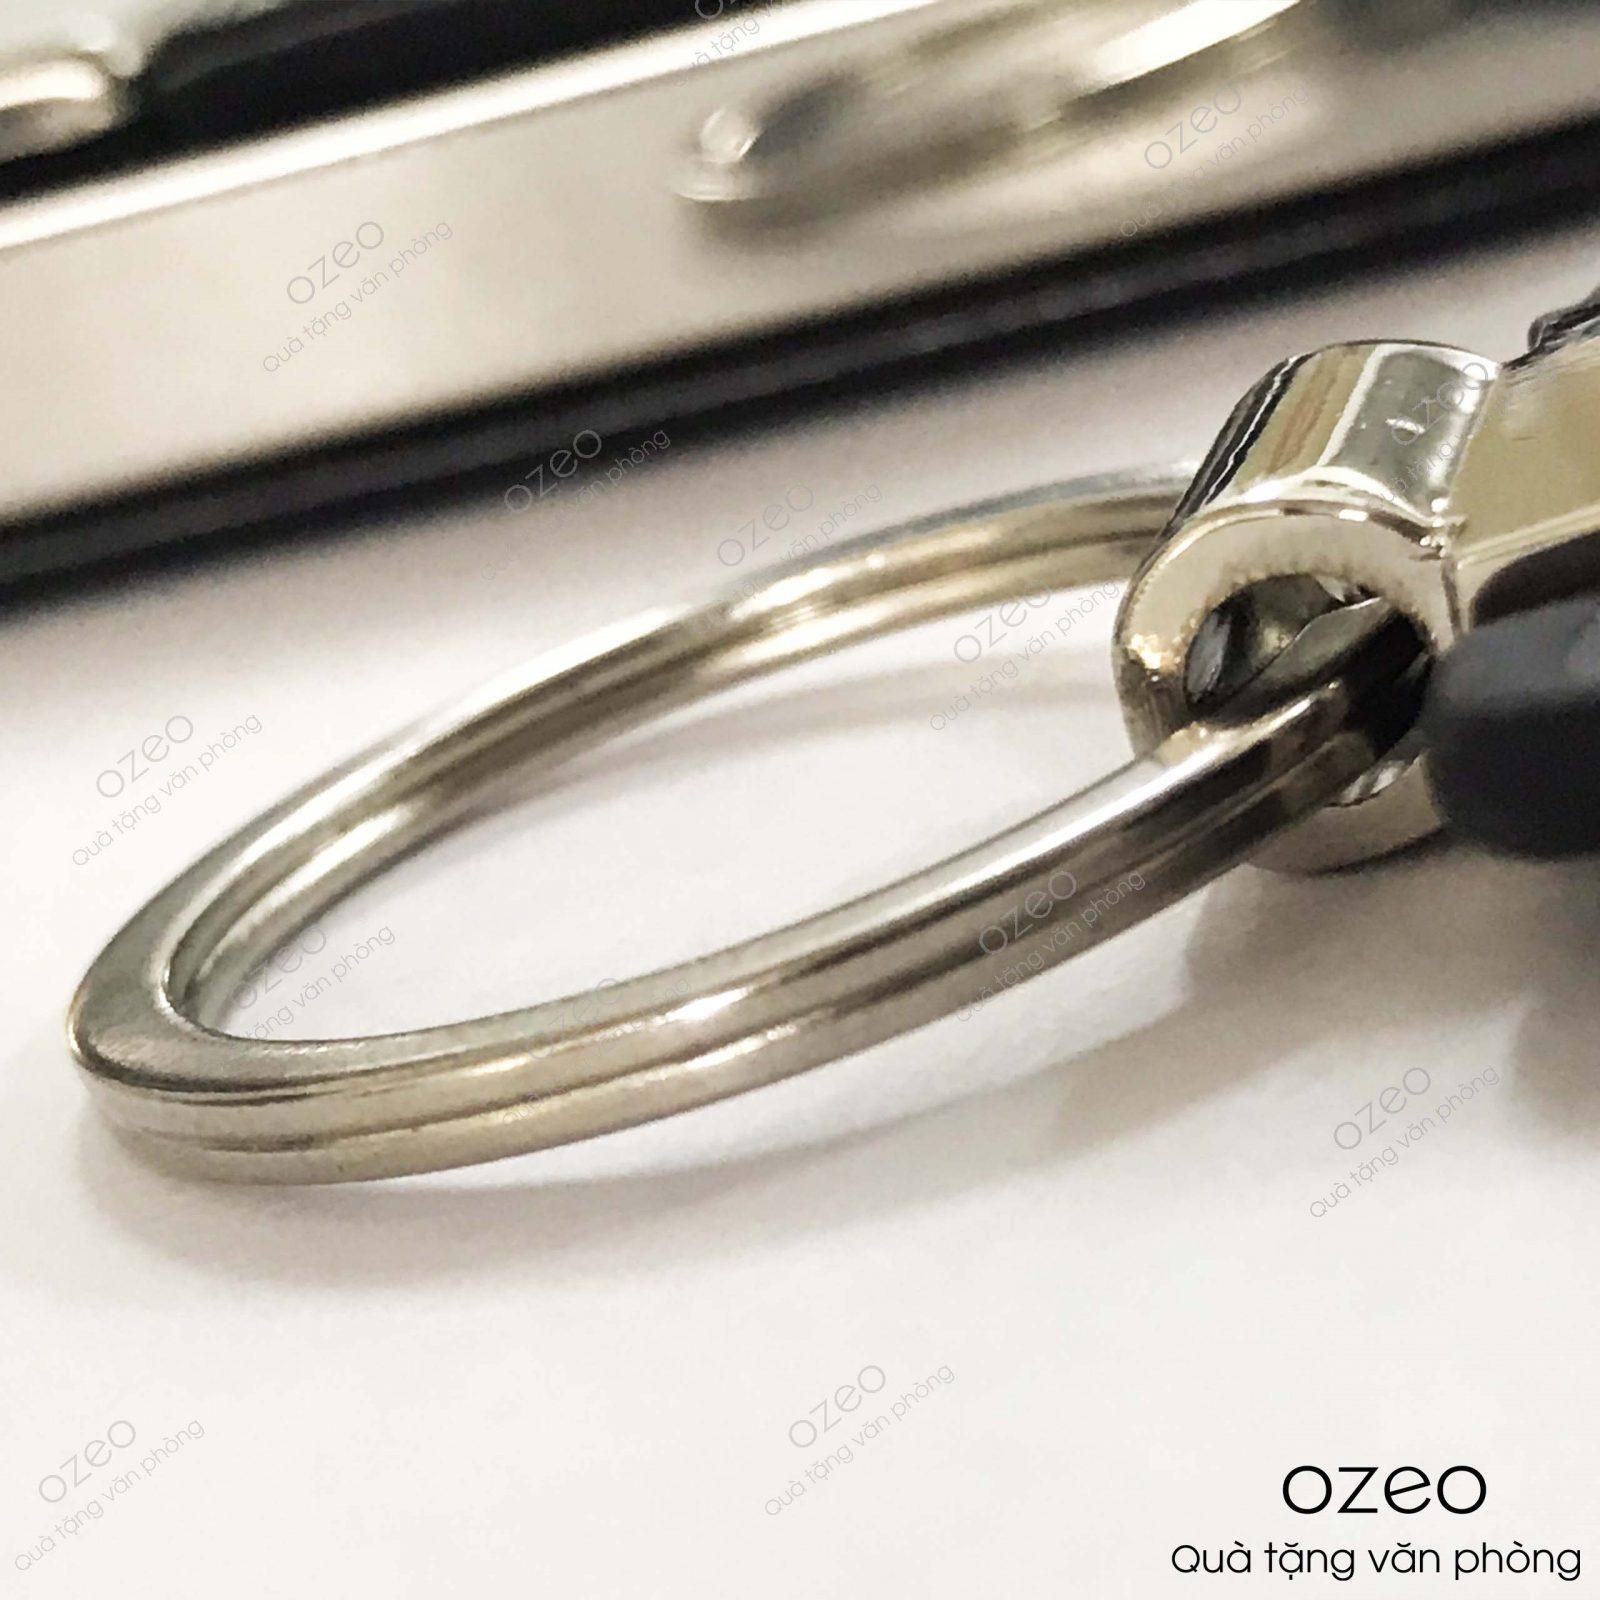 Phần khoen của móc khóa kim loại dây da MK004.